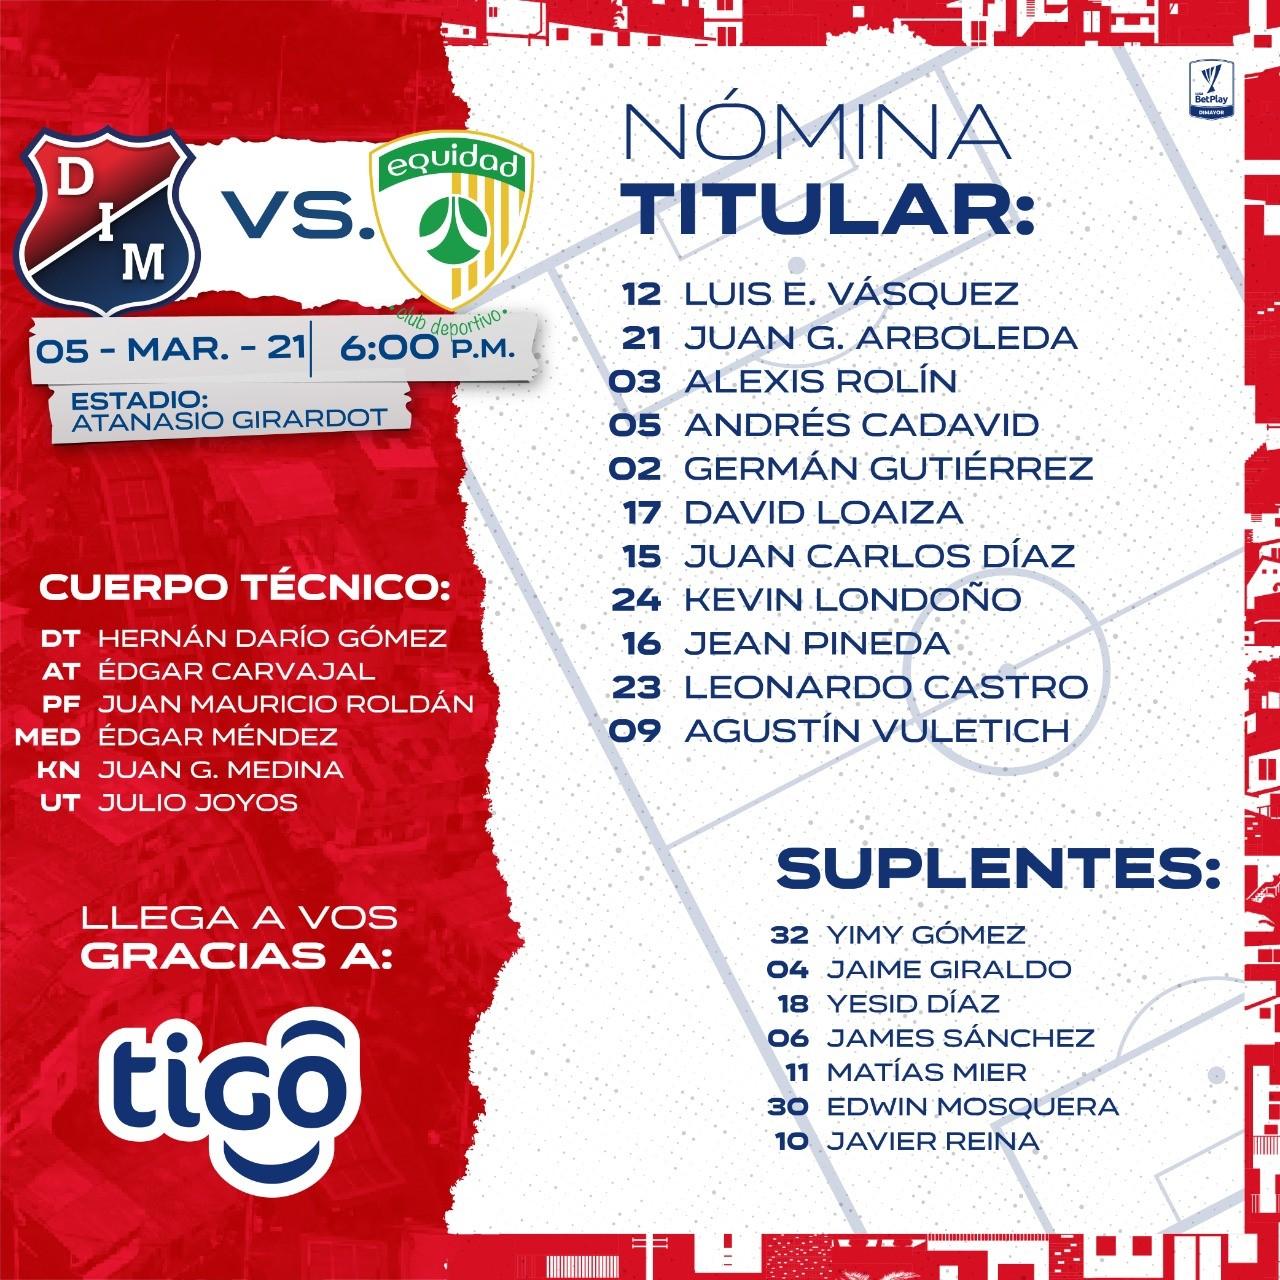 Medellin nomina